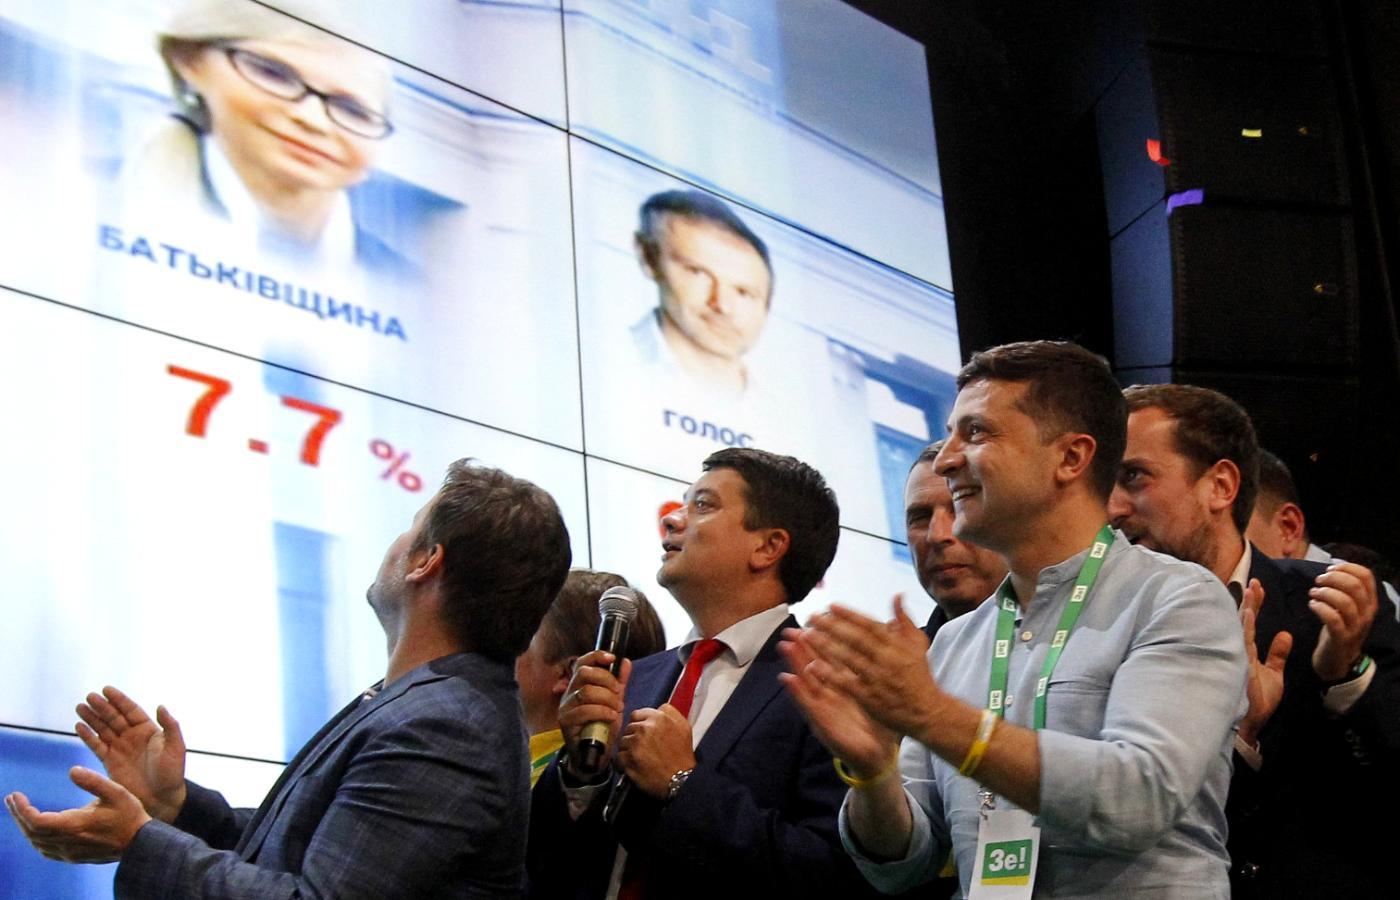 0698ef3539e8e6 Partia Zełenskiego zwycięża w wyborach do parlamentu - Polityka.pl